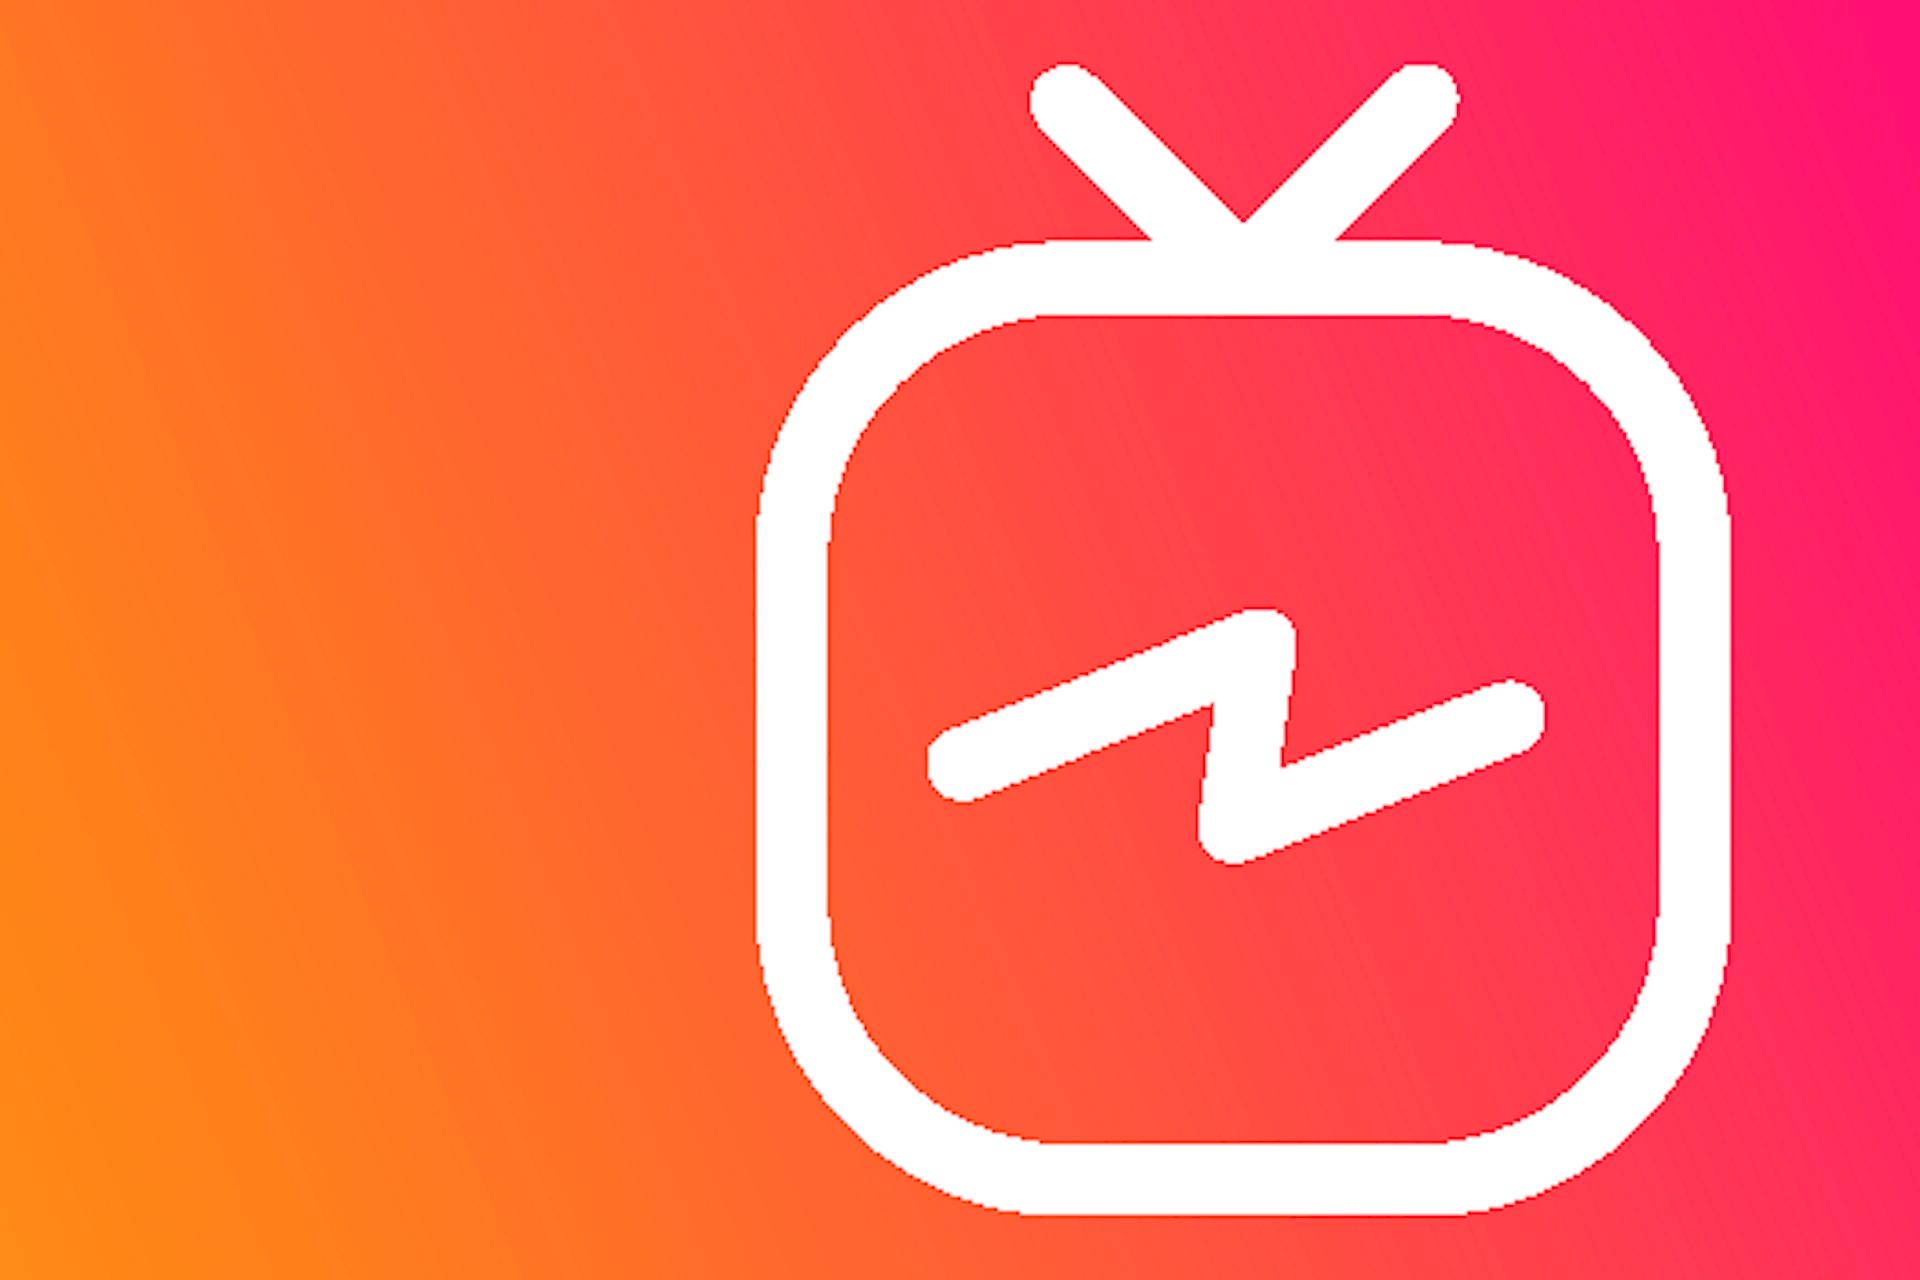 IGTV eli Instagram TV